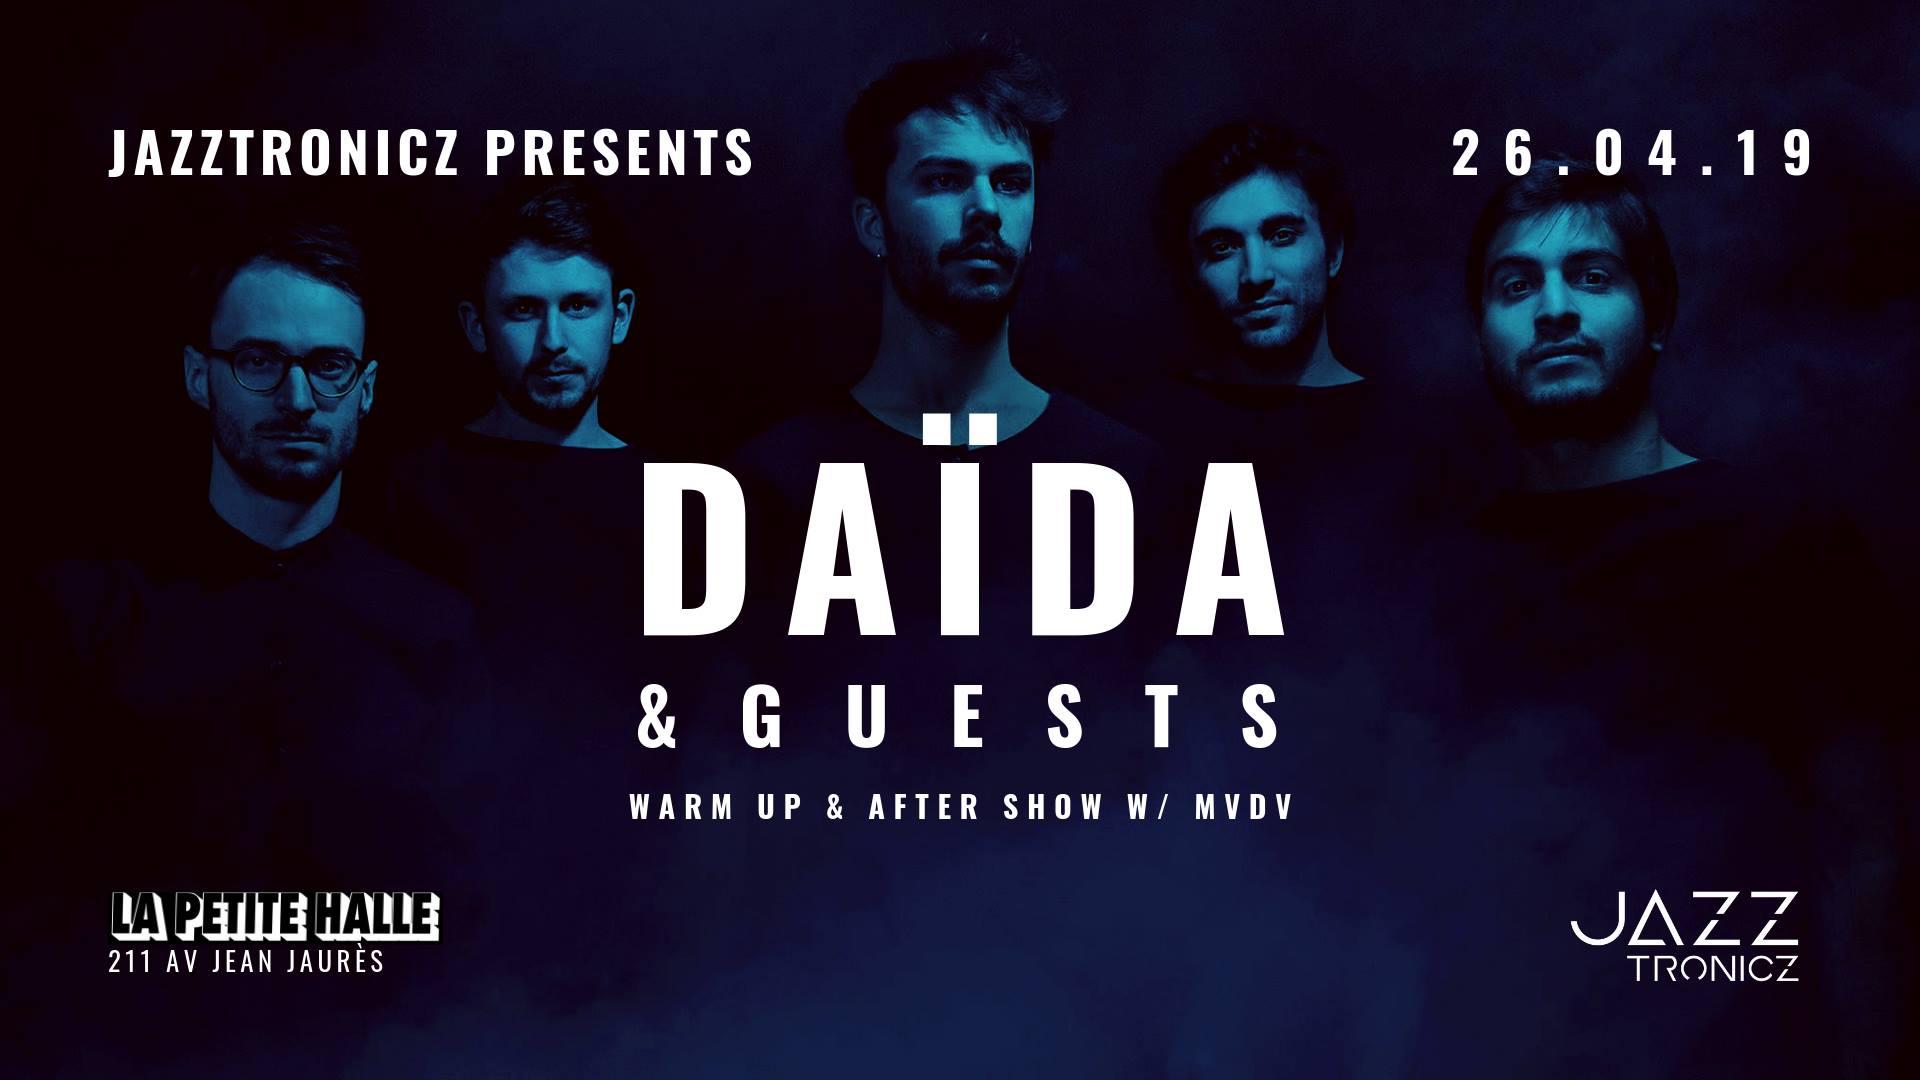 Jazztronicz w/ Daïda & Guests + MVDV (DJ SET)